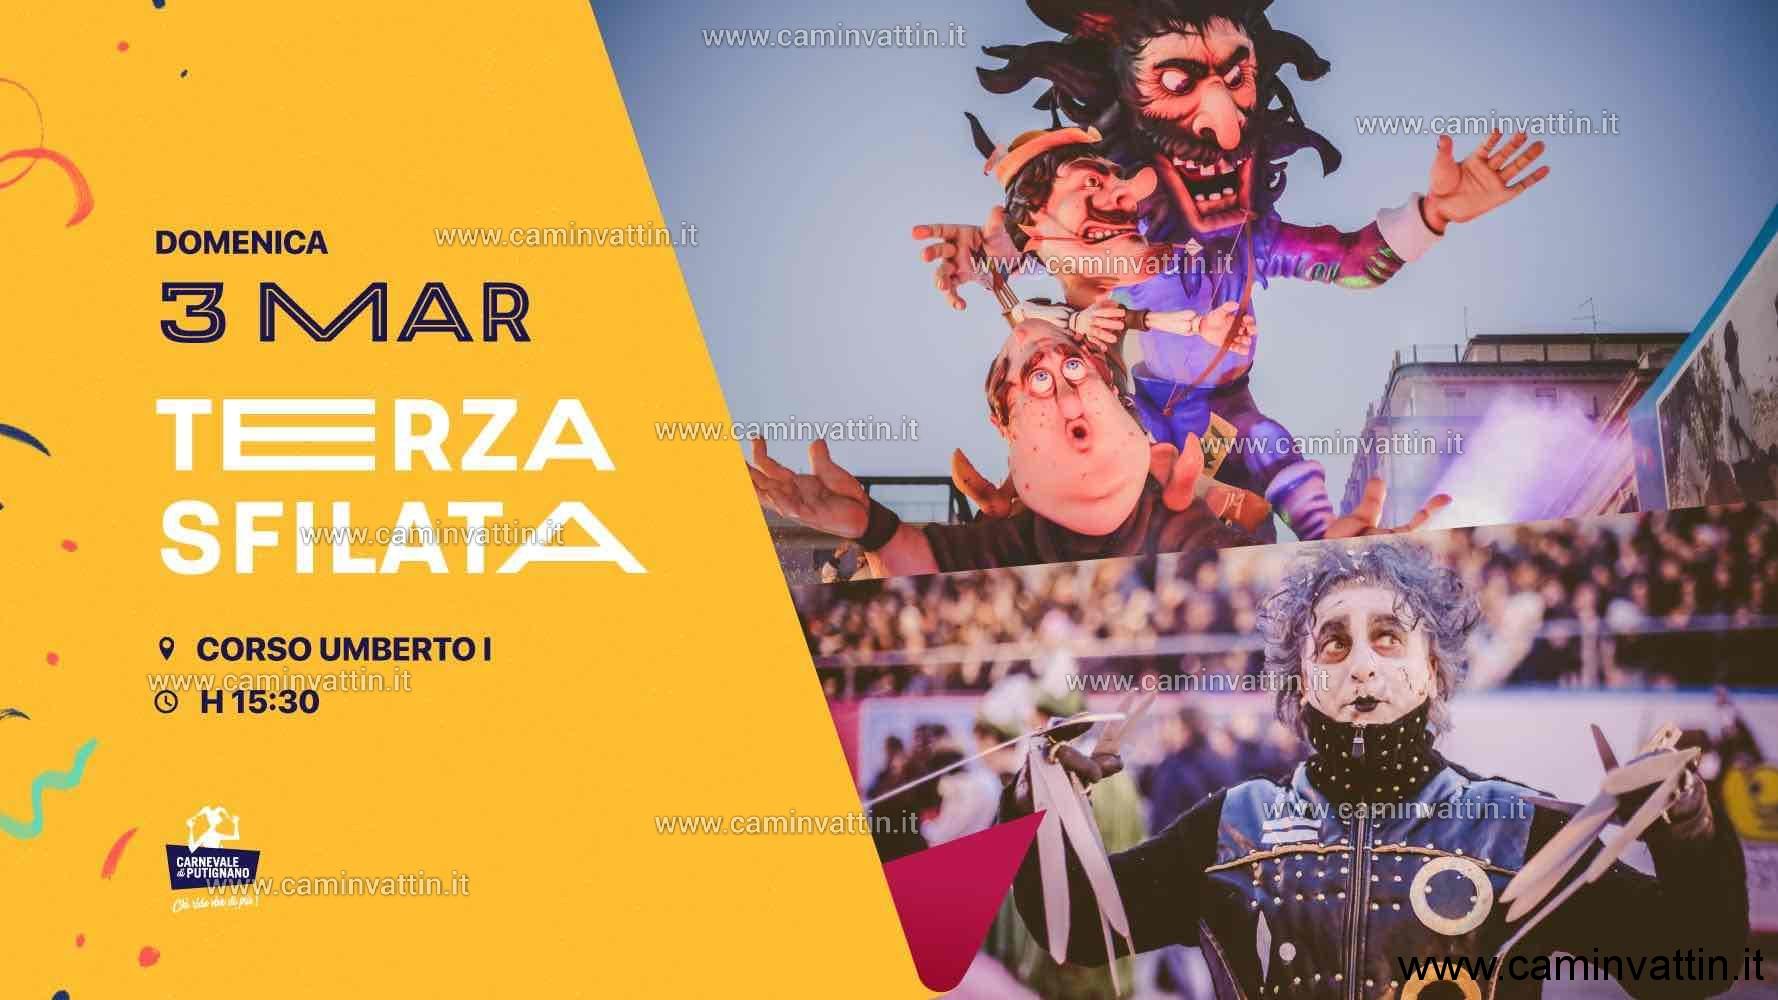 Terza sfilata del Carnevale di Putignano 2019